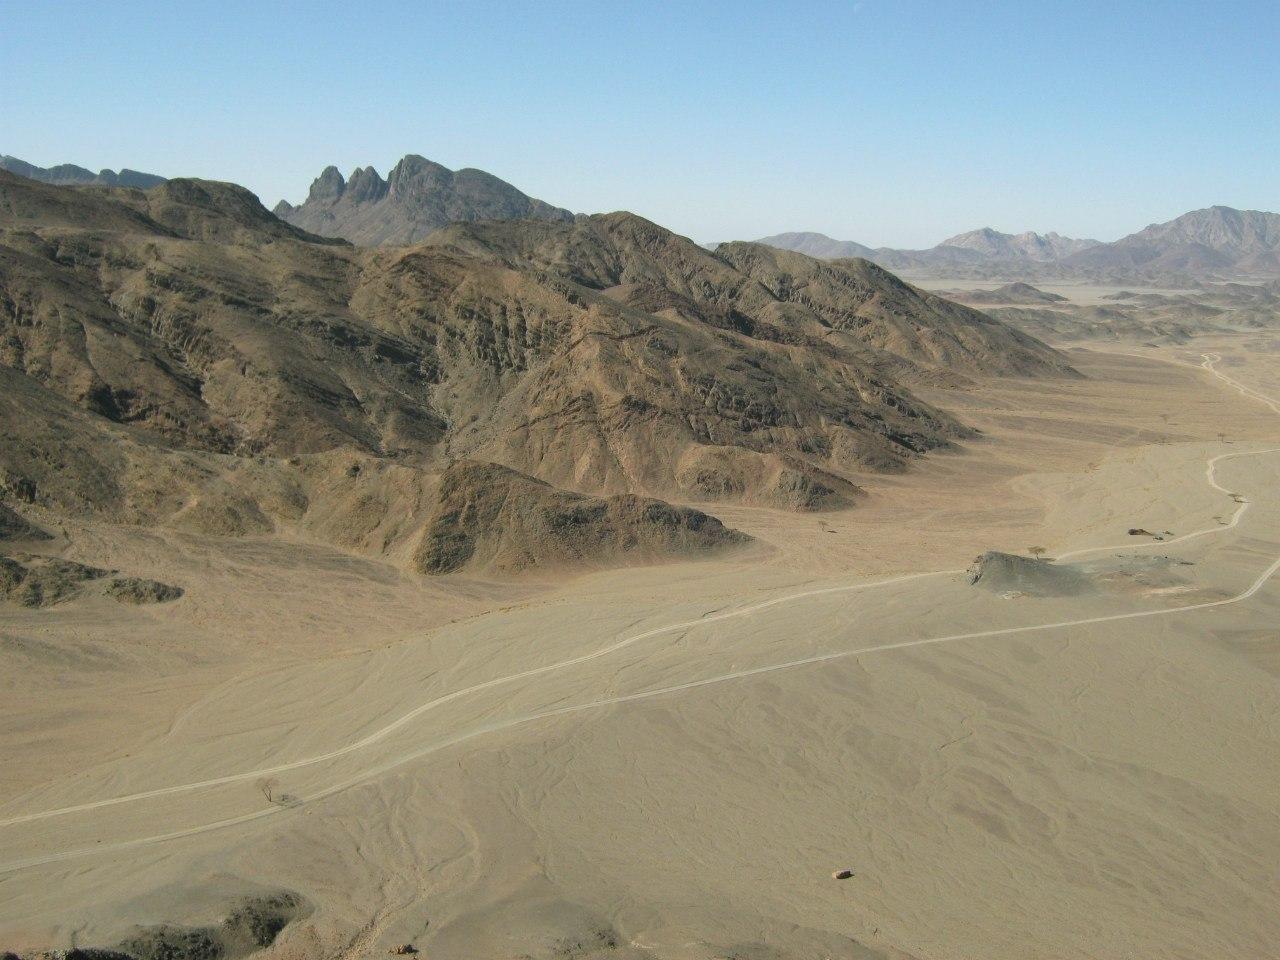 Следы от колёс машин в пустыне